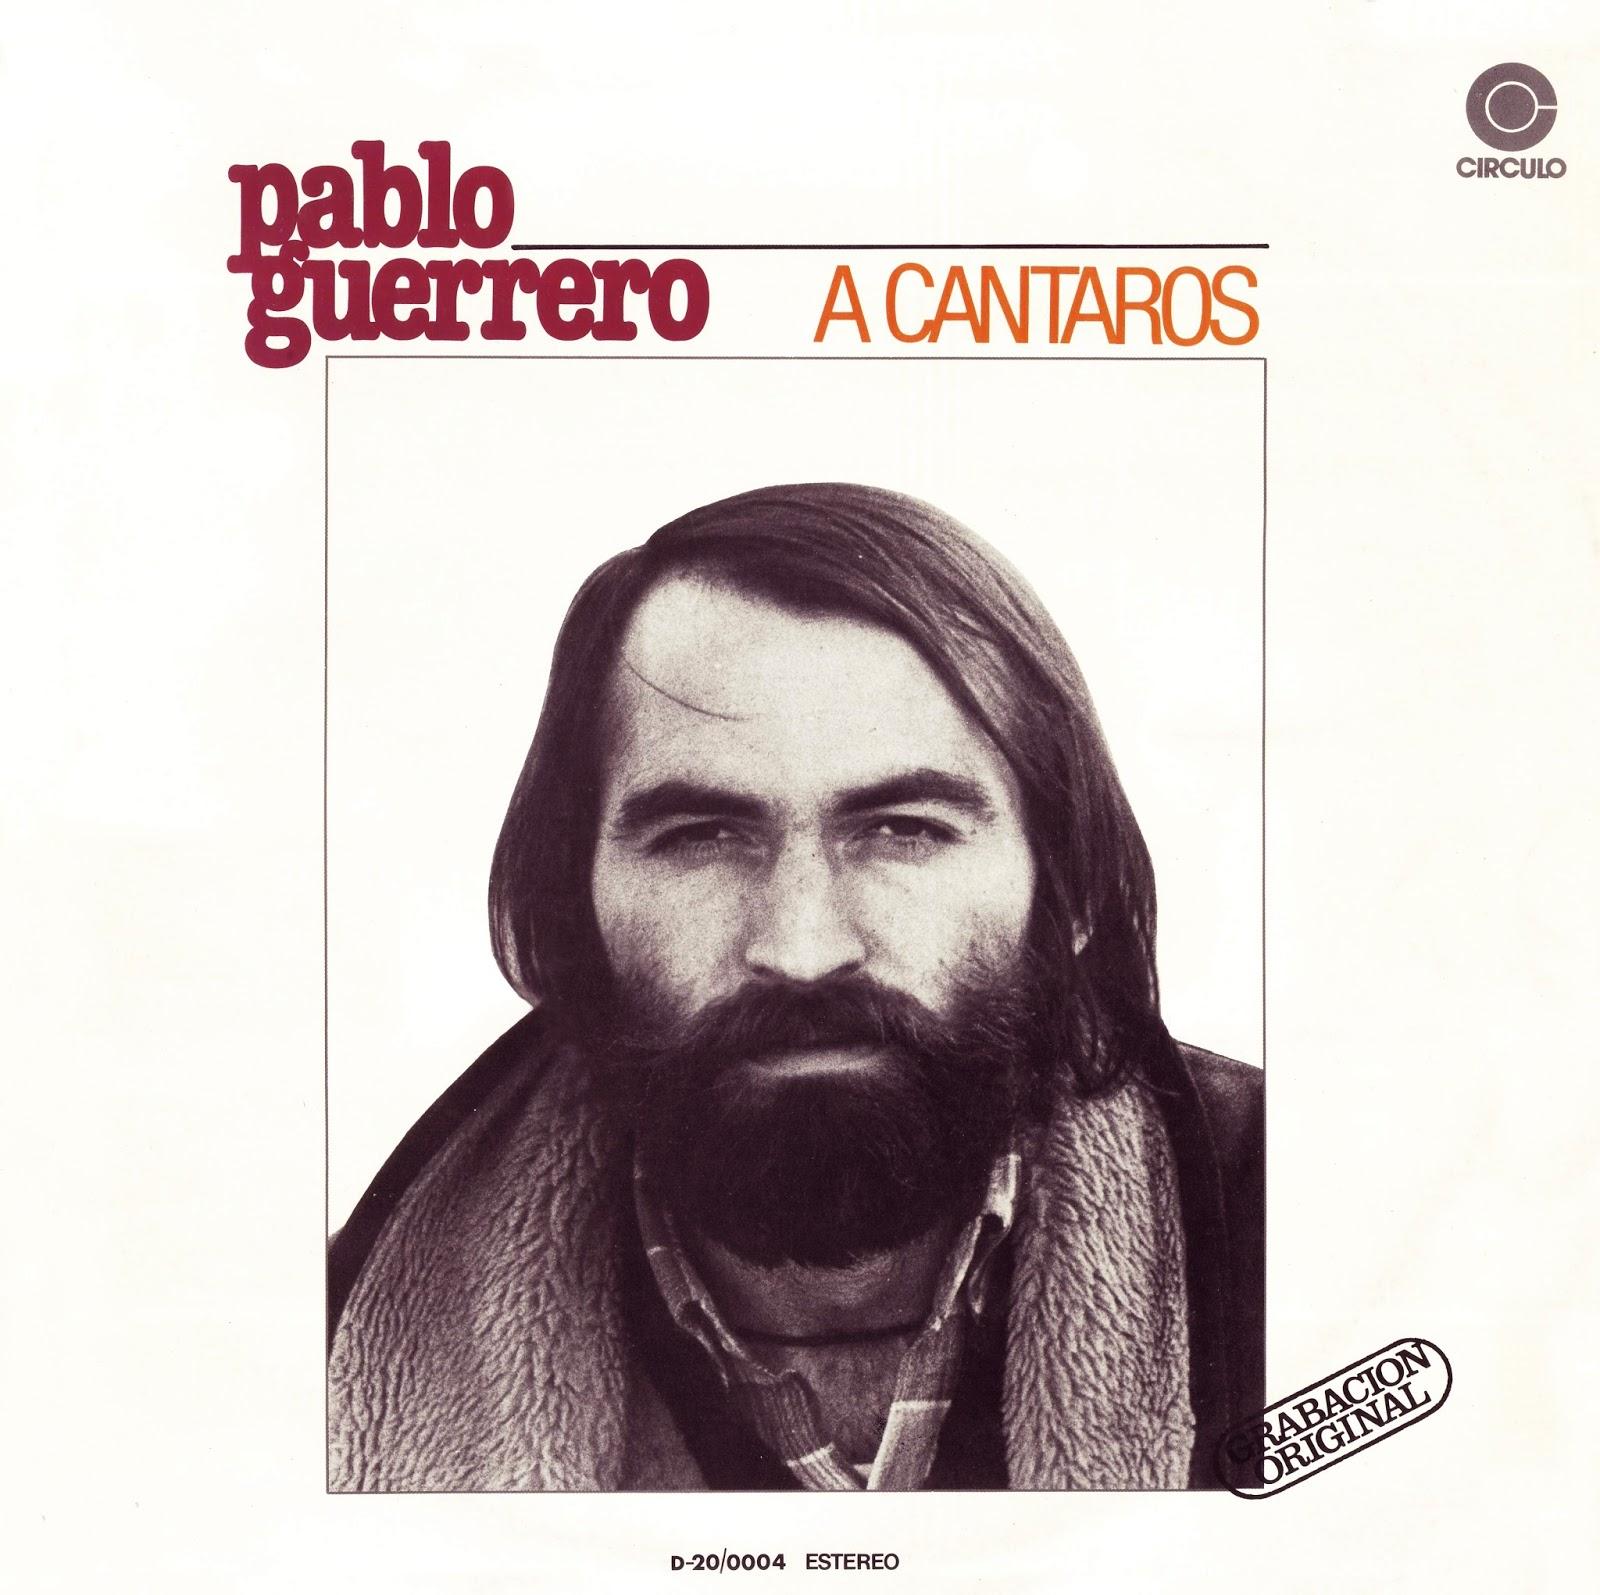 Pablo Guerrero - A cántaros (1972)